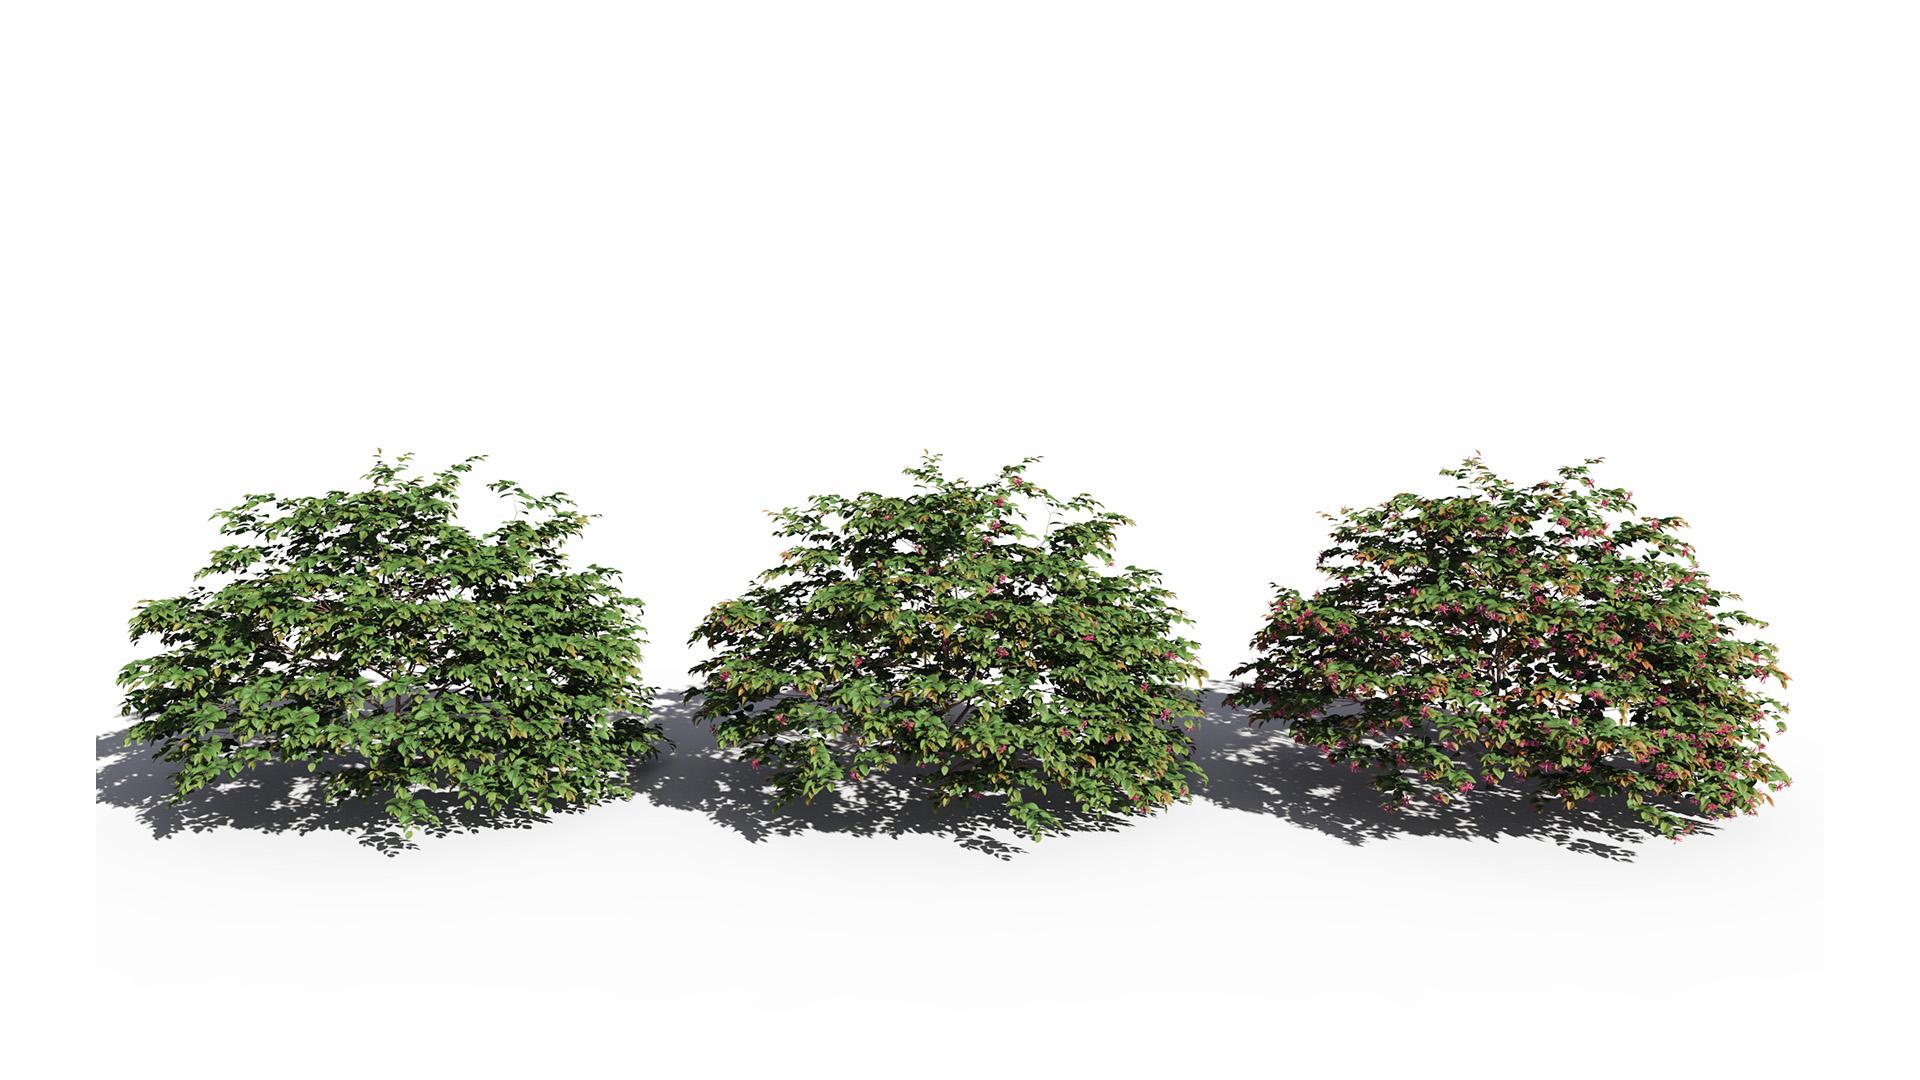 3D model of the Chinese fringe flower Loropetalum chinense var rubrum season variations